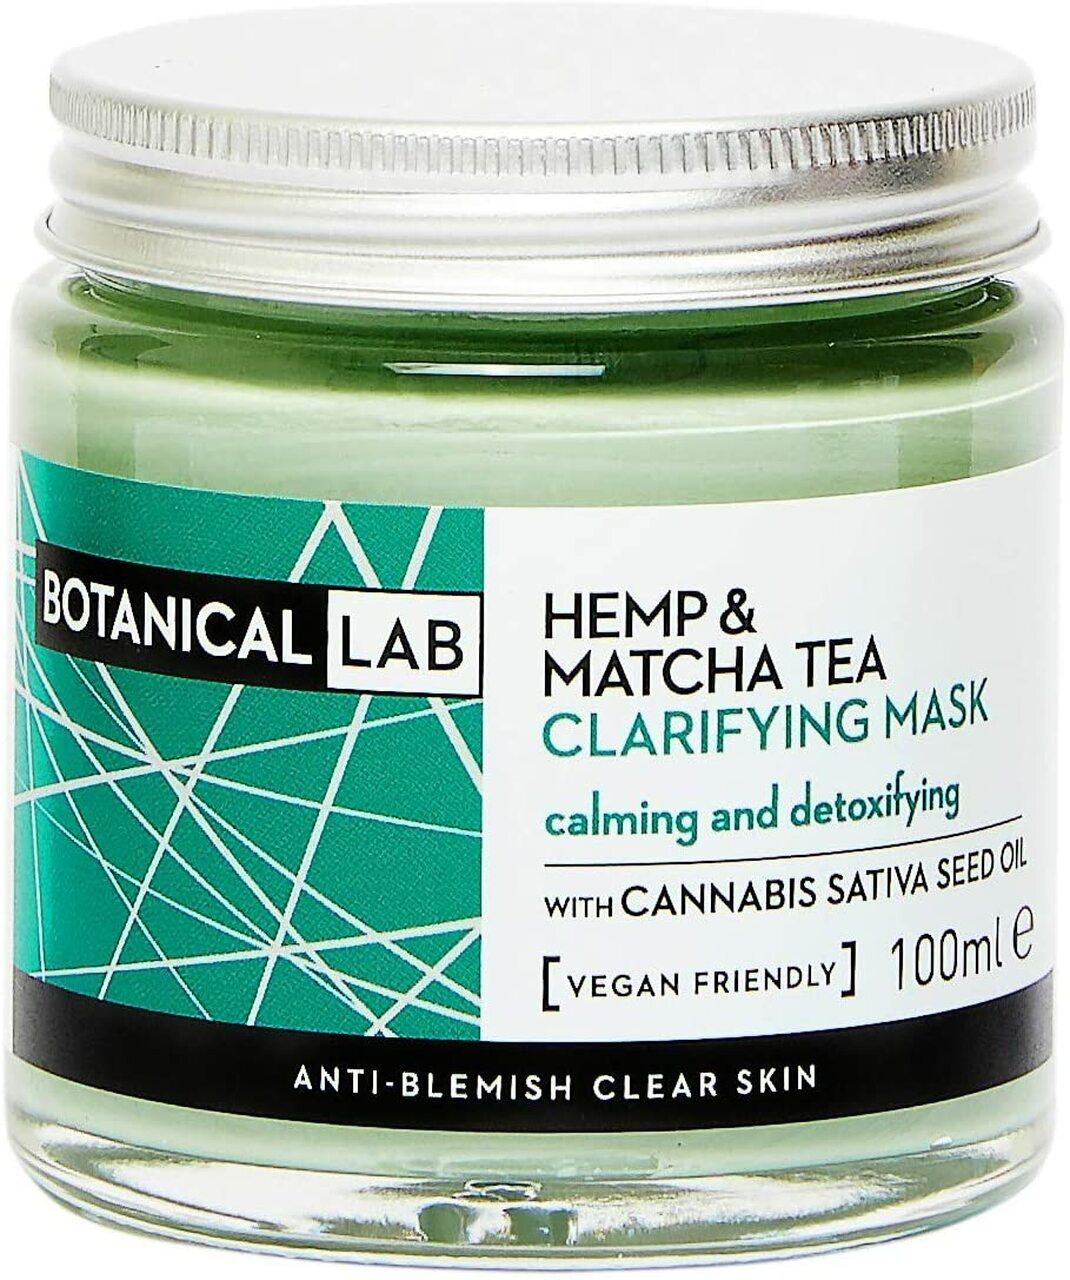 Botanical Lab Hemp & Matcha Tea Clarifying Mask